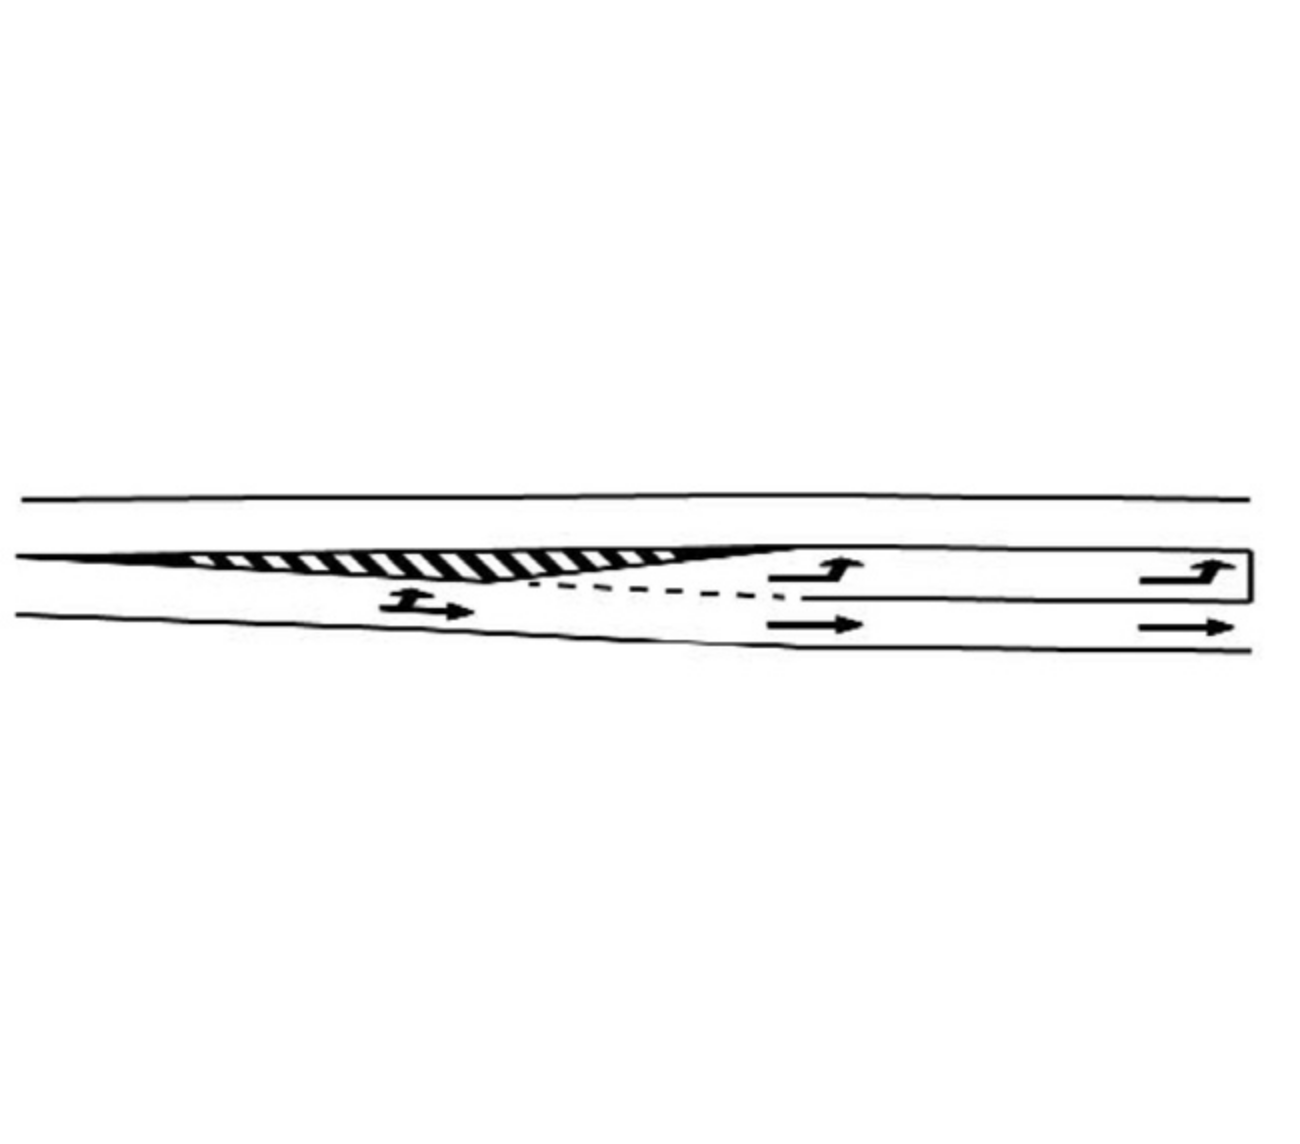 Marcajul benzii de stocaj pentru virajul stânga